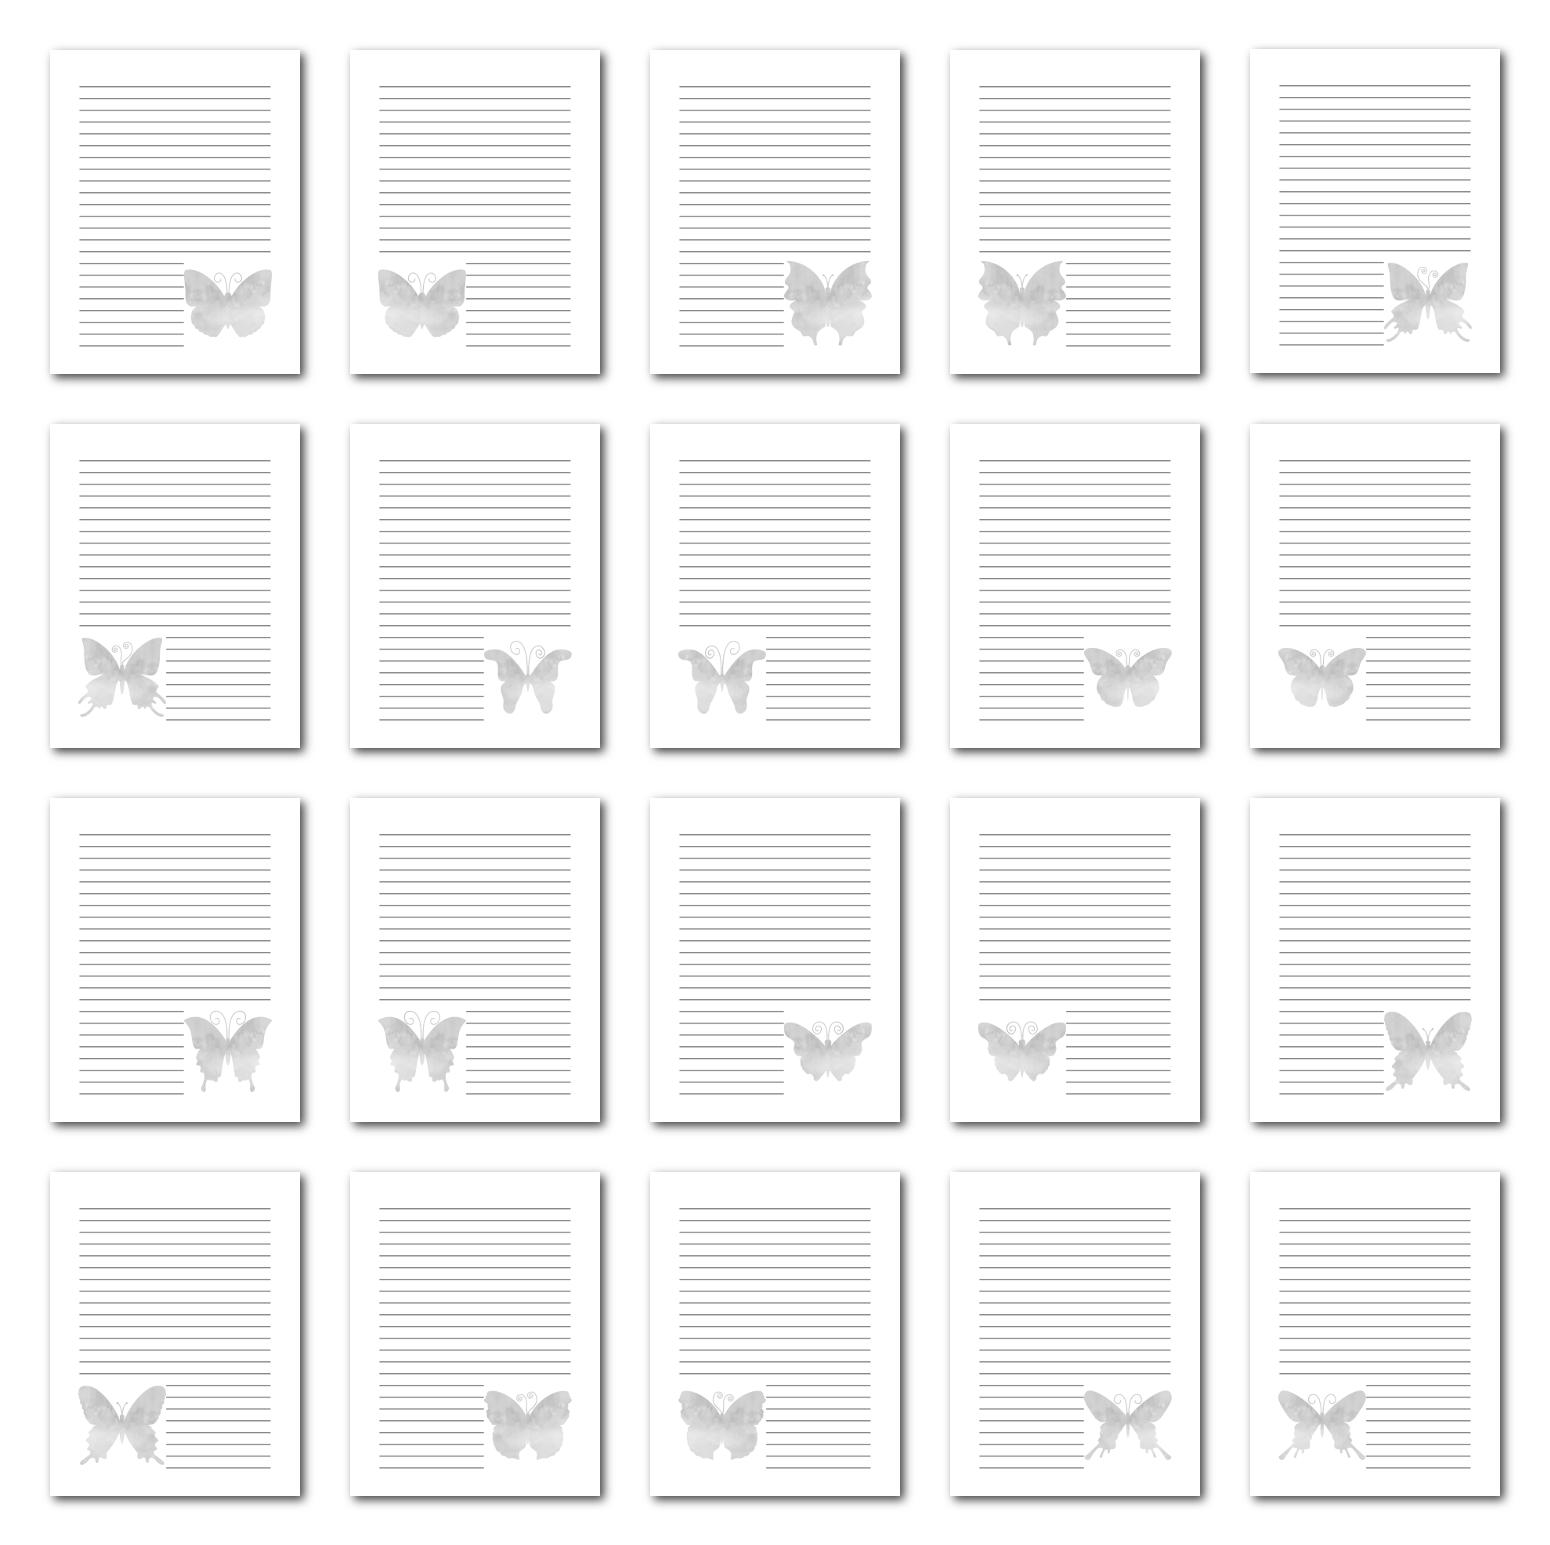 Zen PLR Journal Templates Light Watercolor Butterflies Grayscale Digital Journal Pages